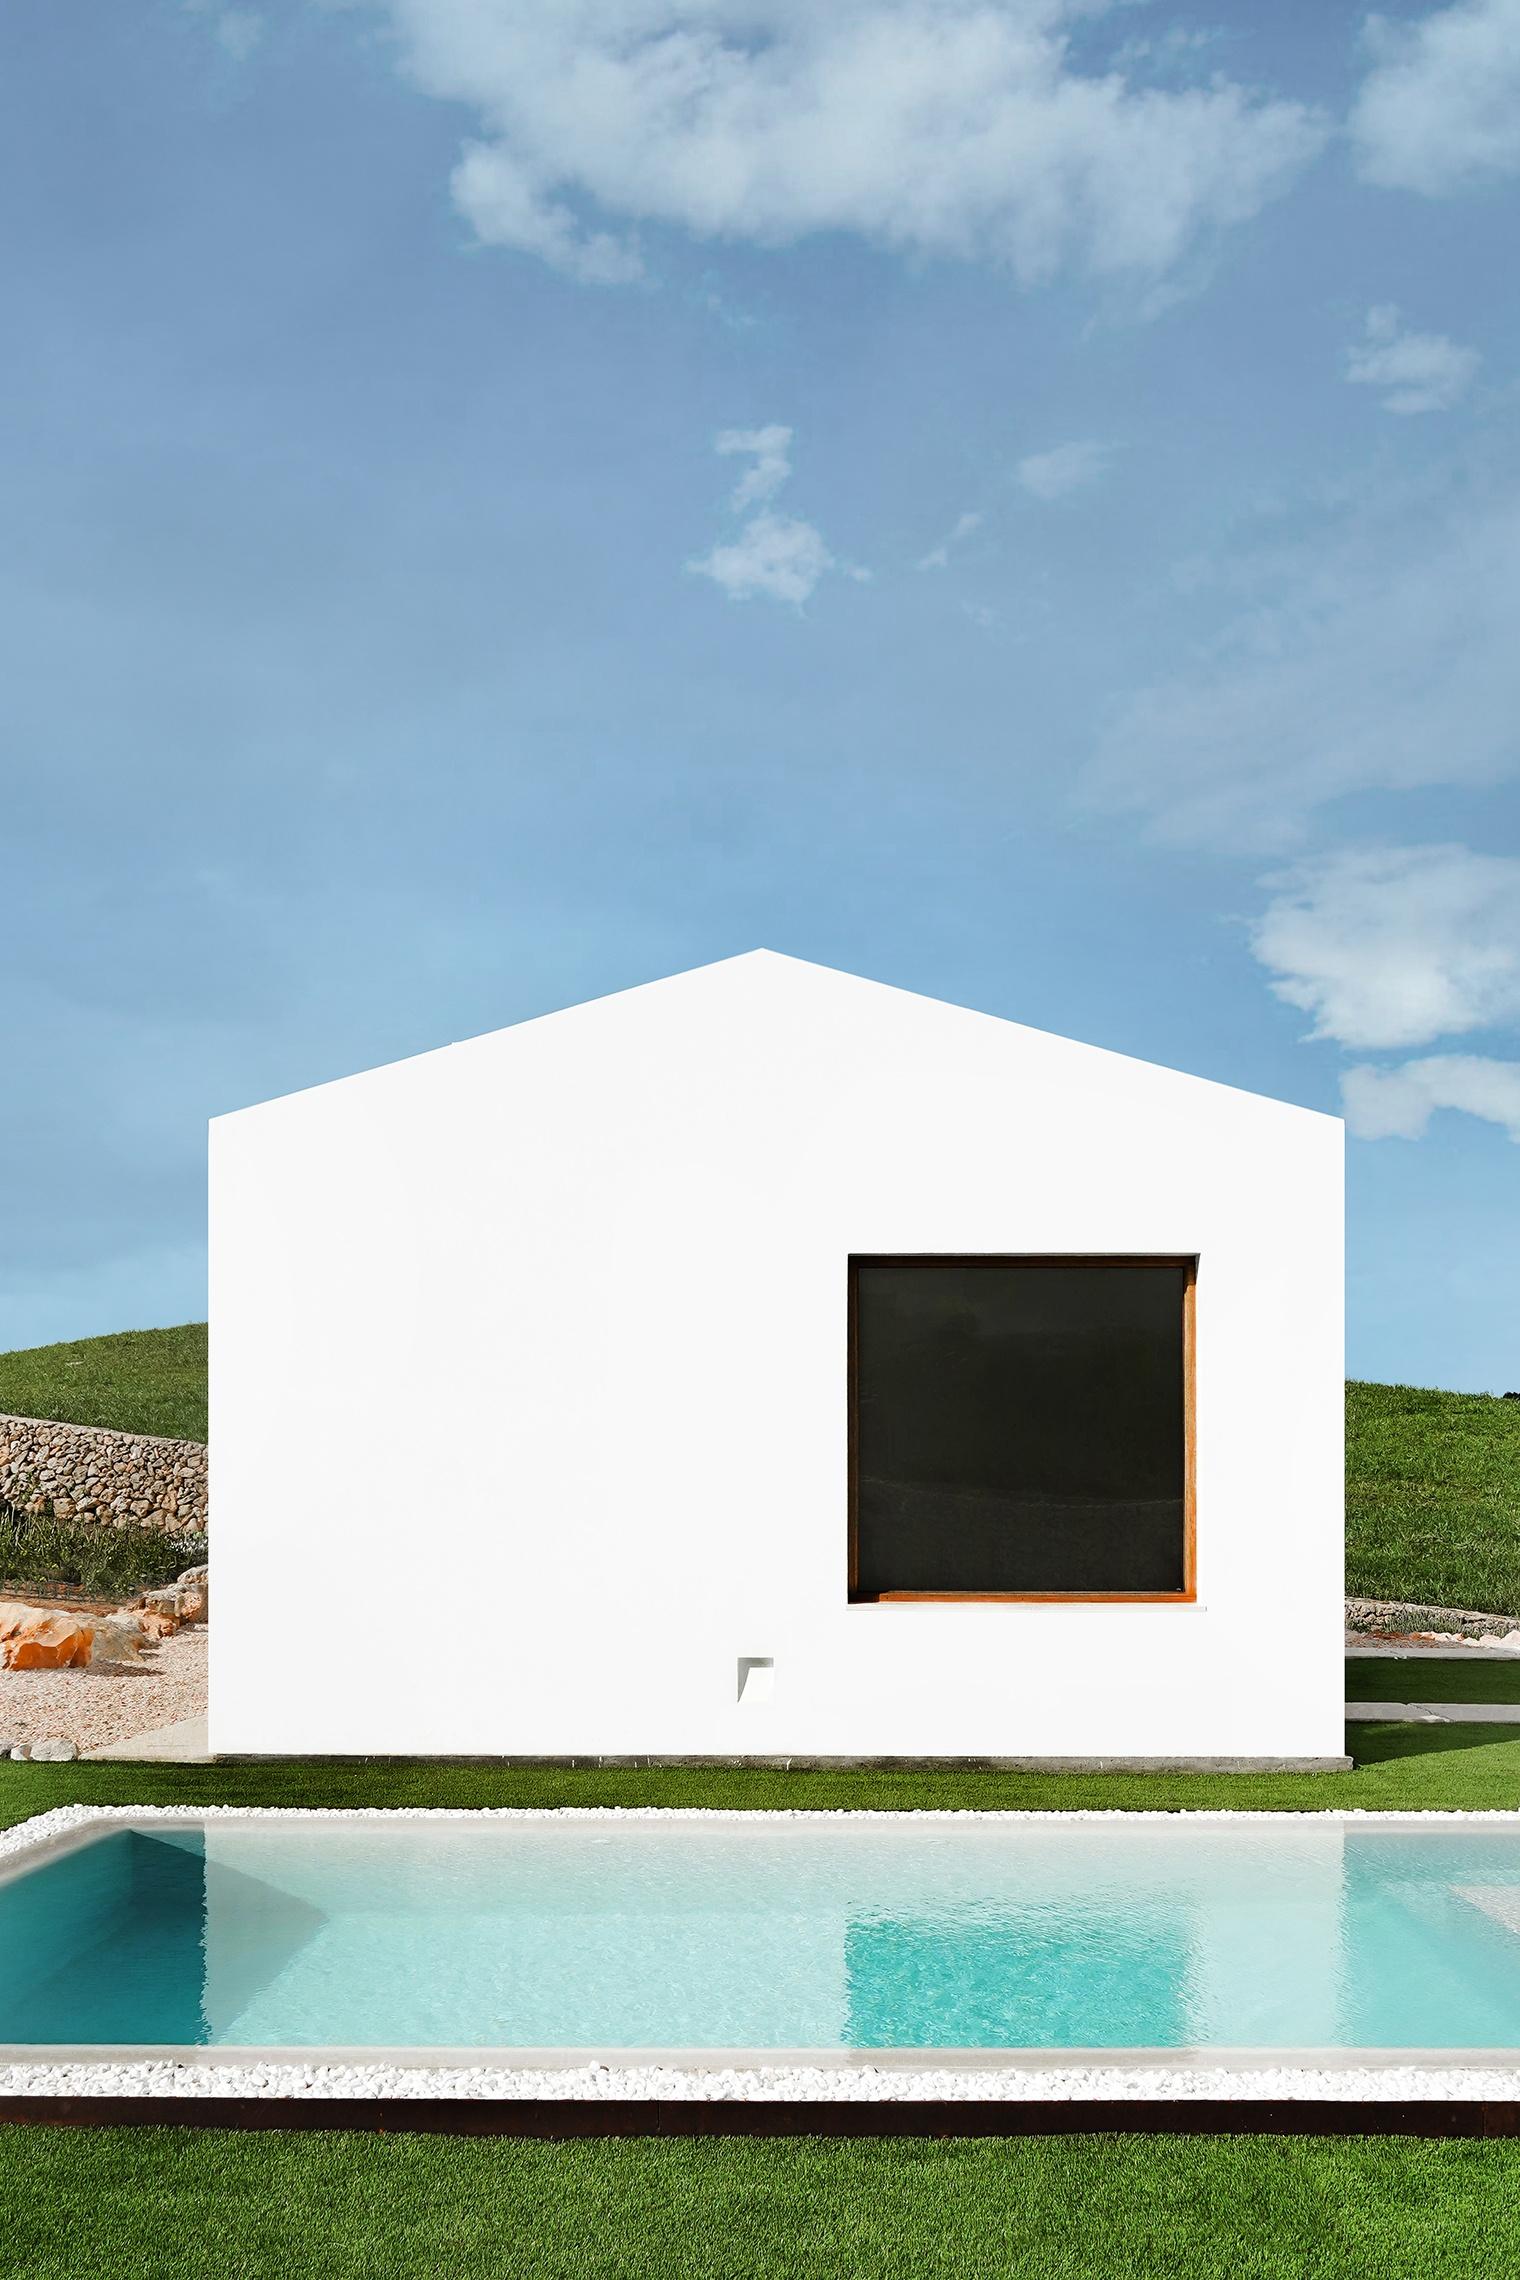 Casa de vacaciones en Es Mercadal, Menorca. Marina Senabre Estudio